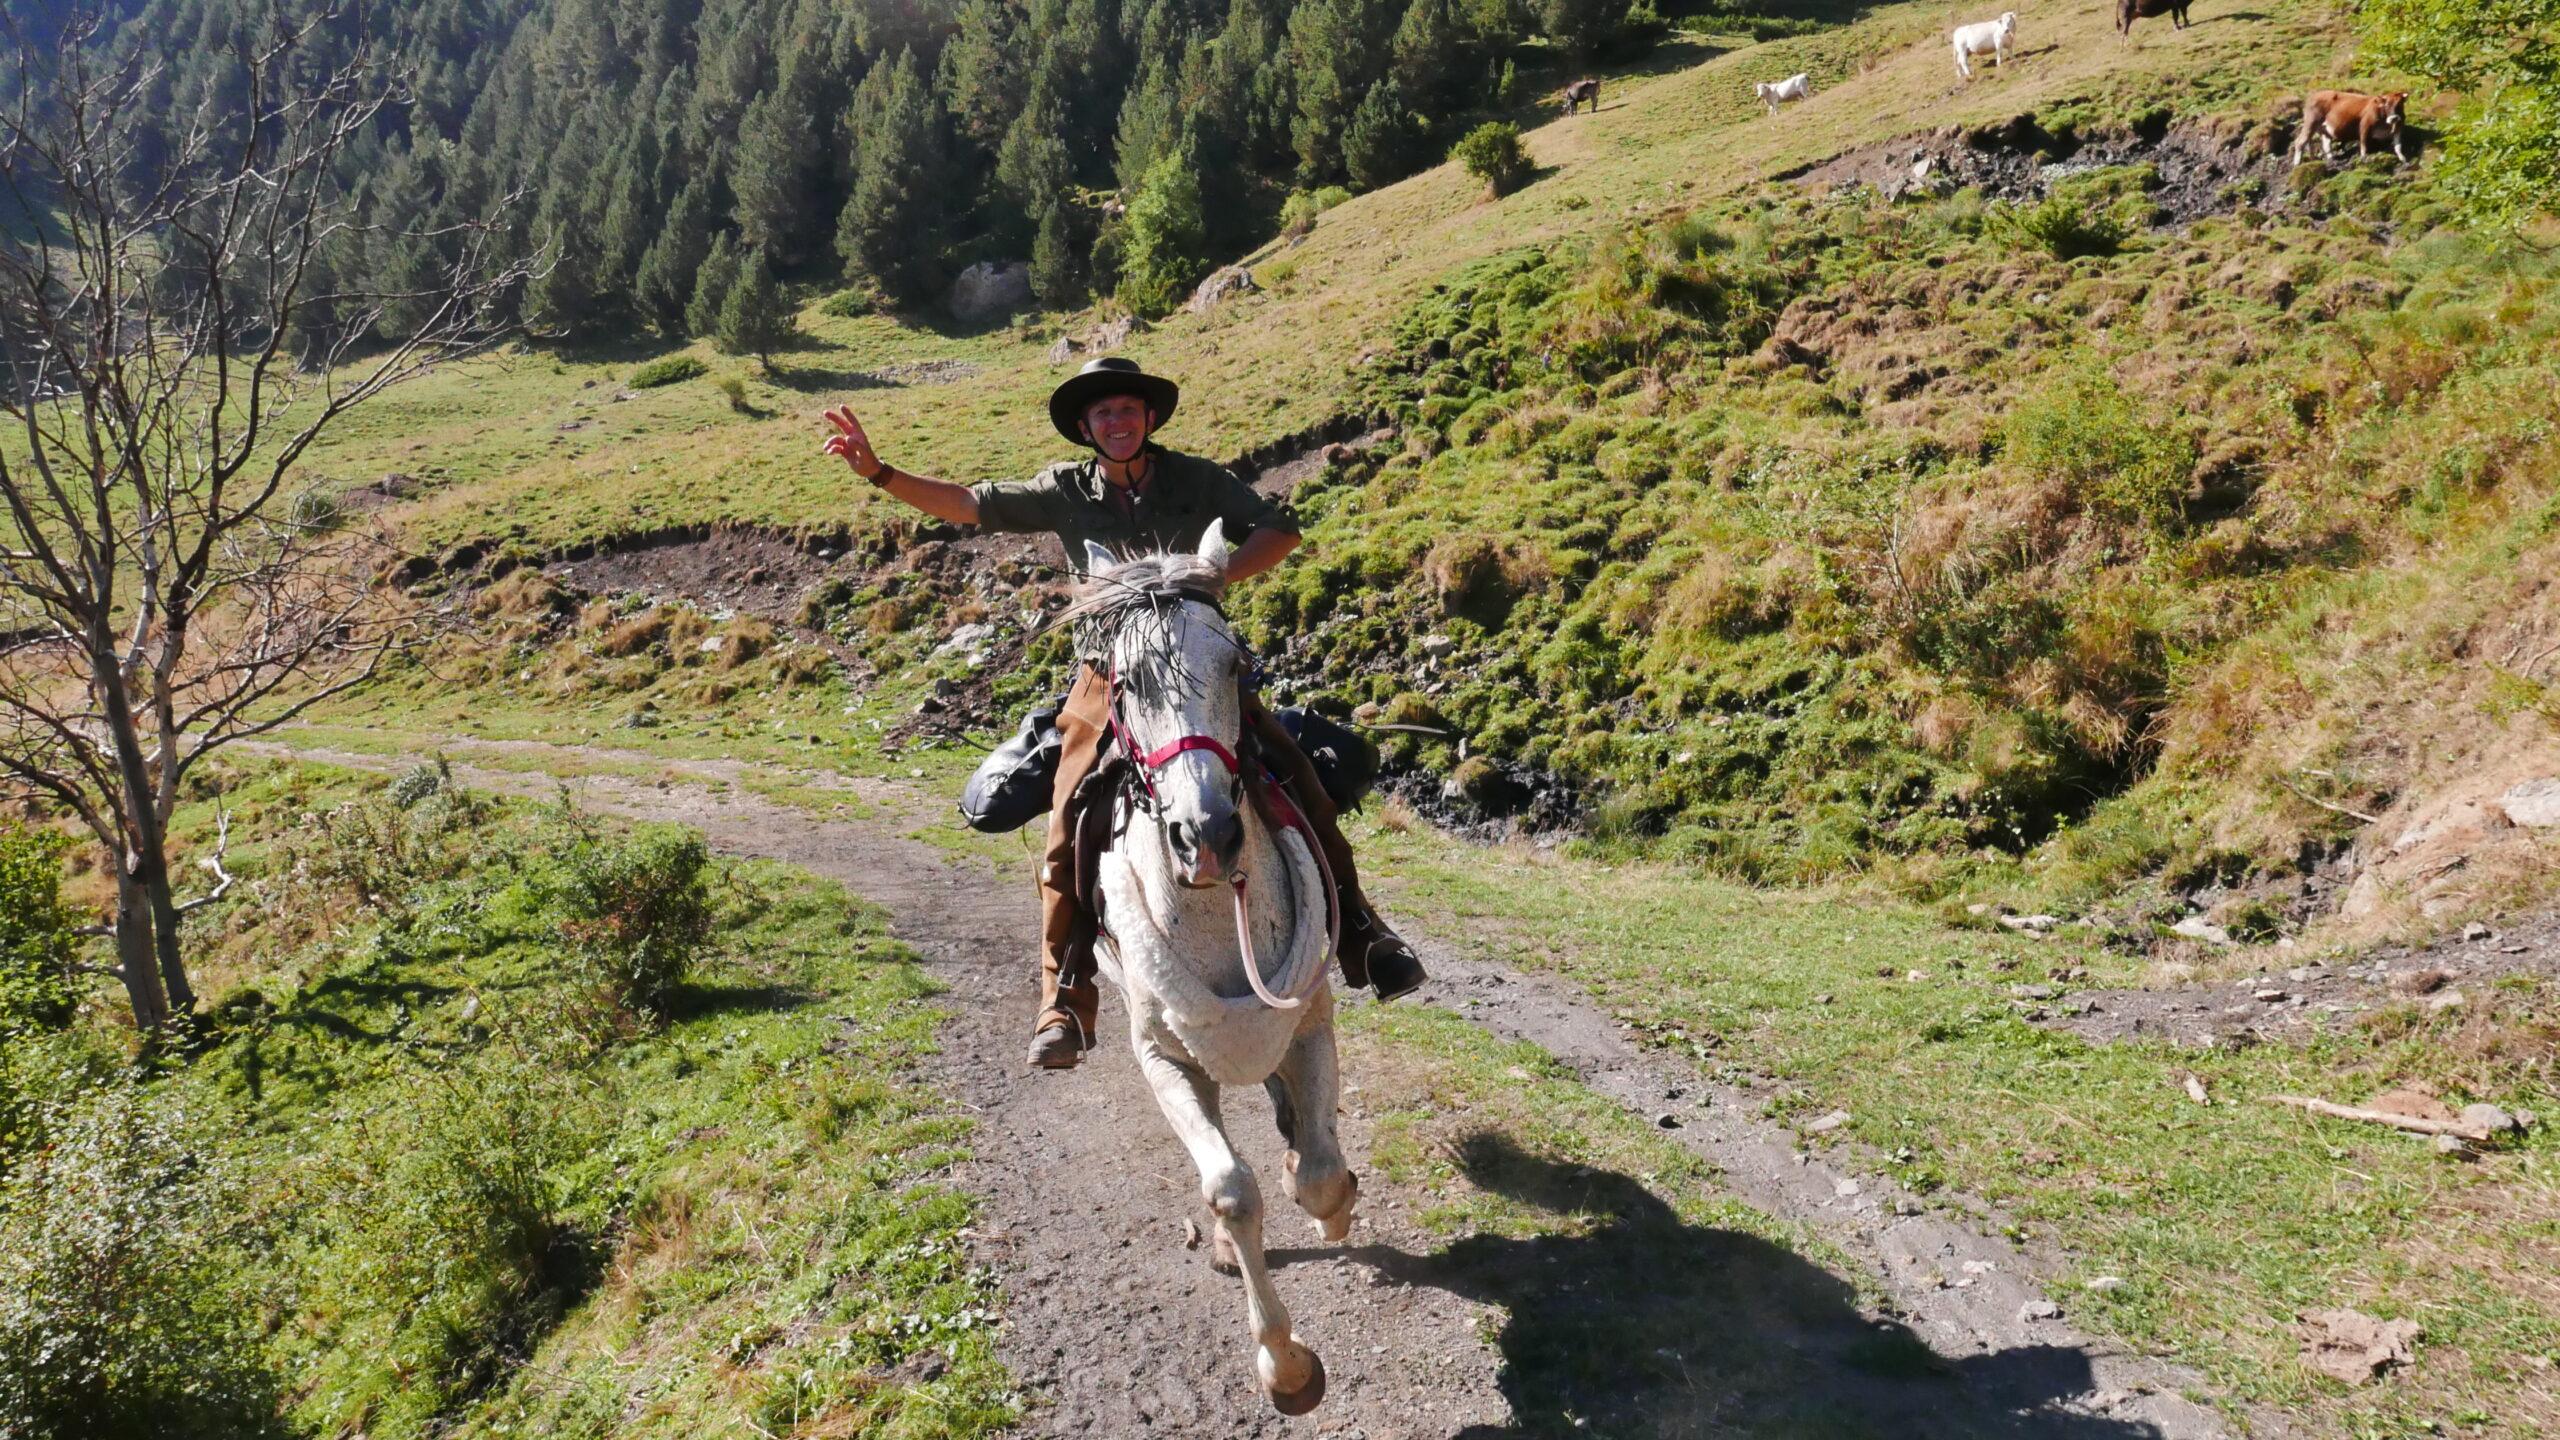 Paardrijden en fun in Spanje - Vakantie te paard / Reisbureau Perlan